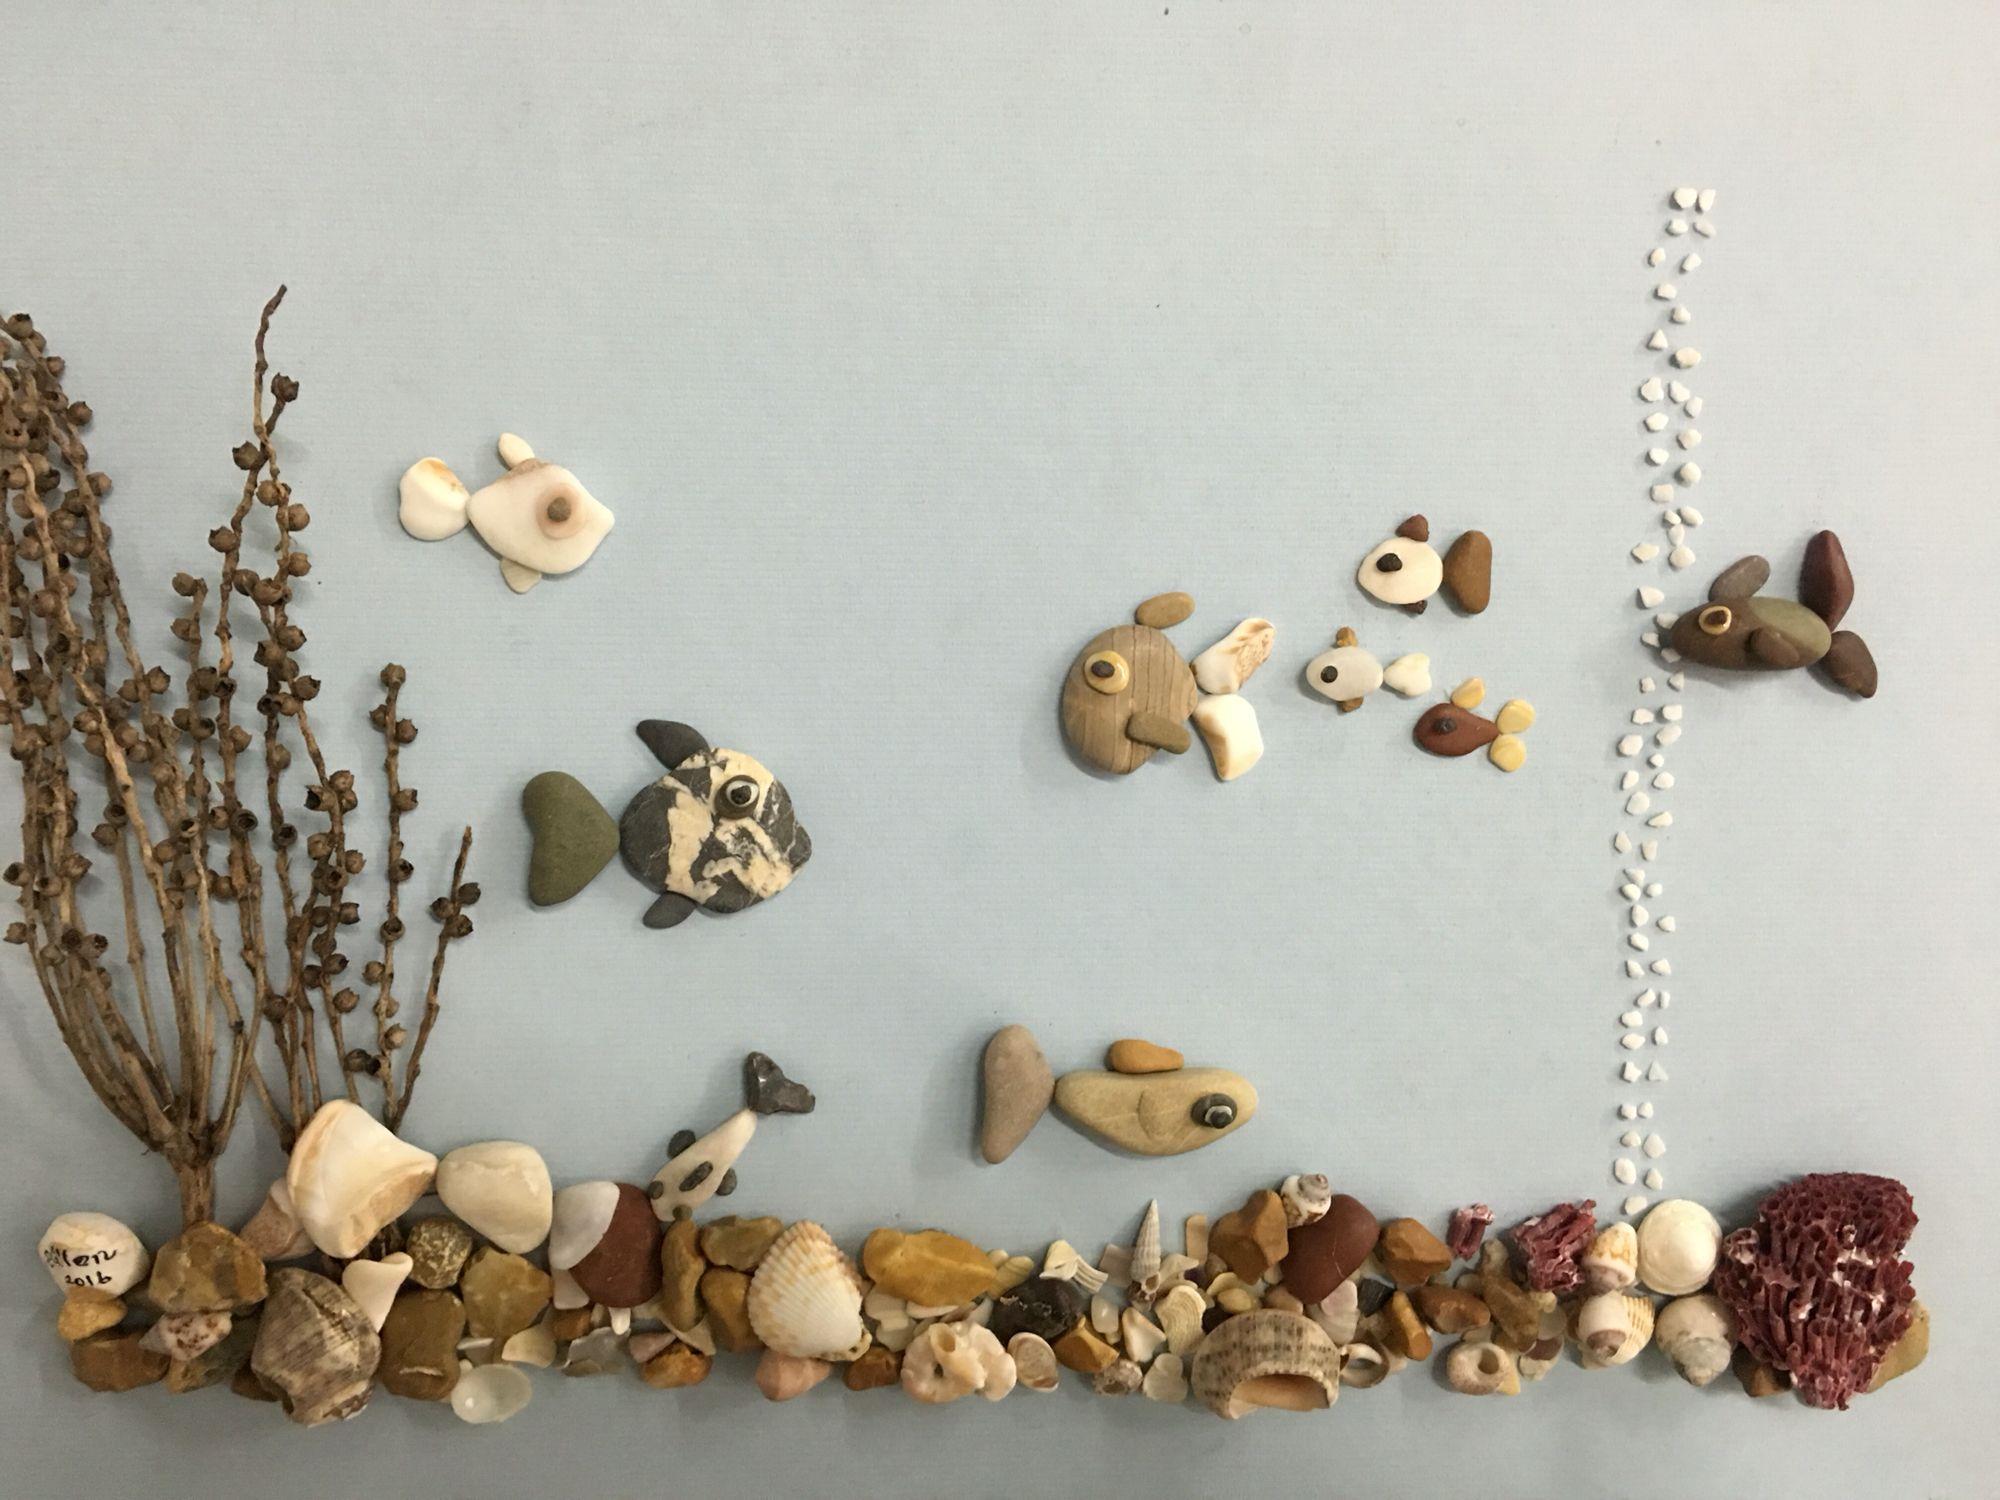 рыба картинки из камушков своими узнала избиении малышей